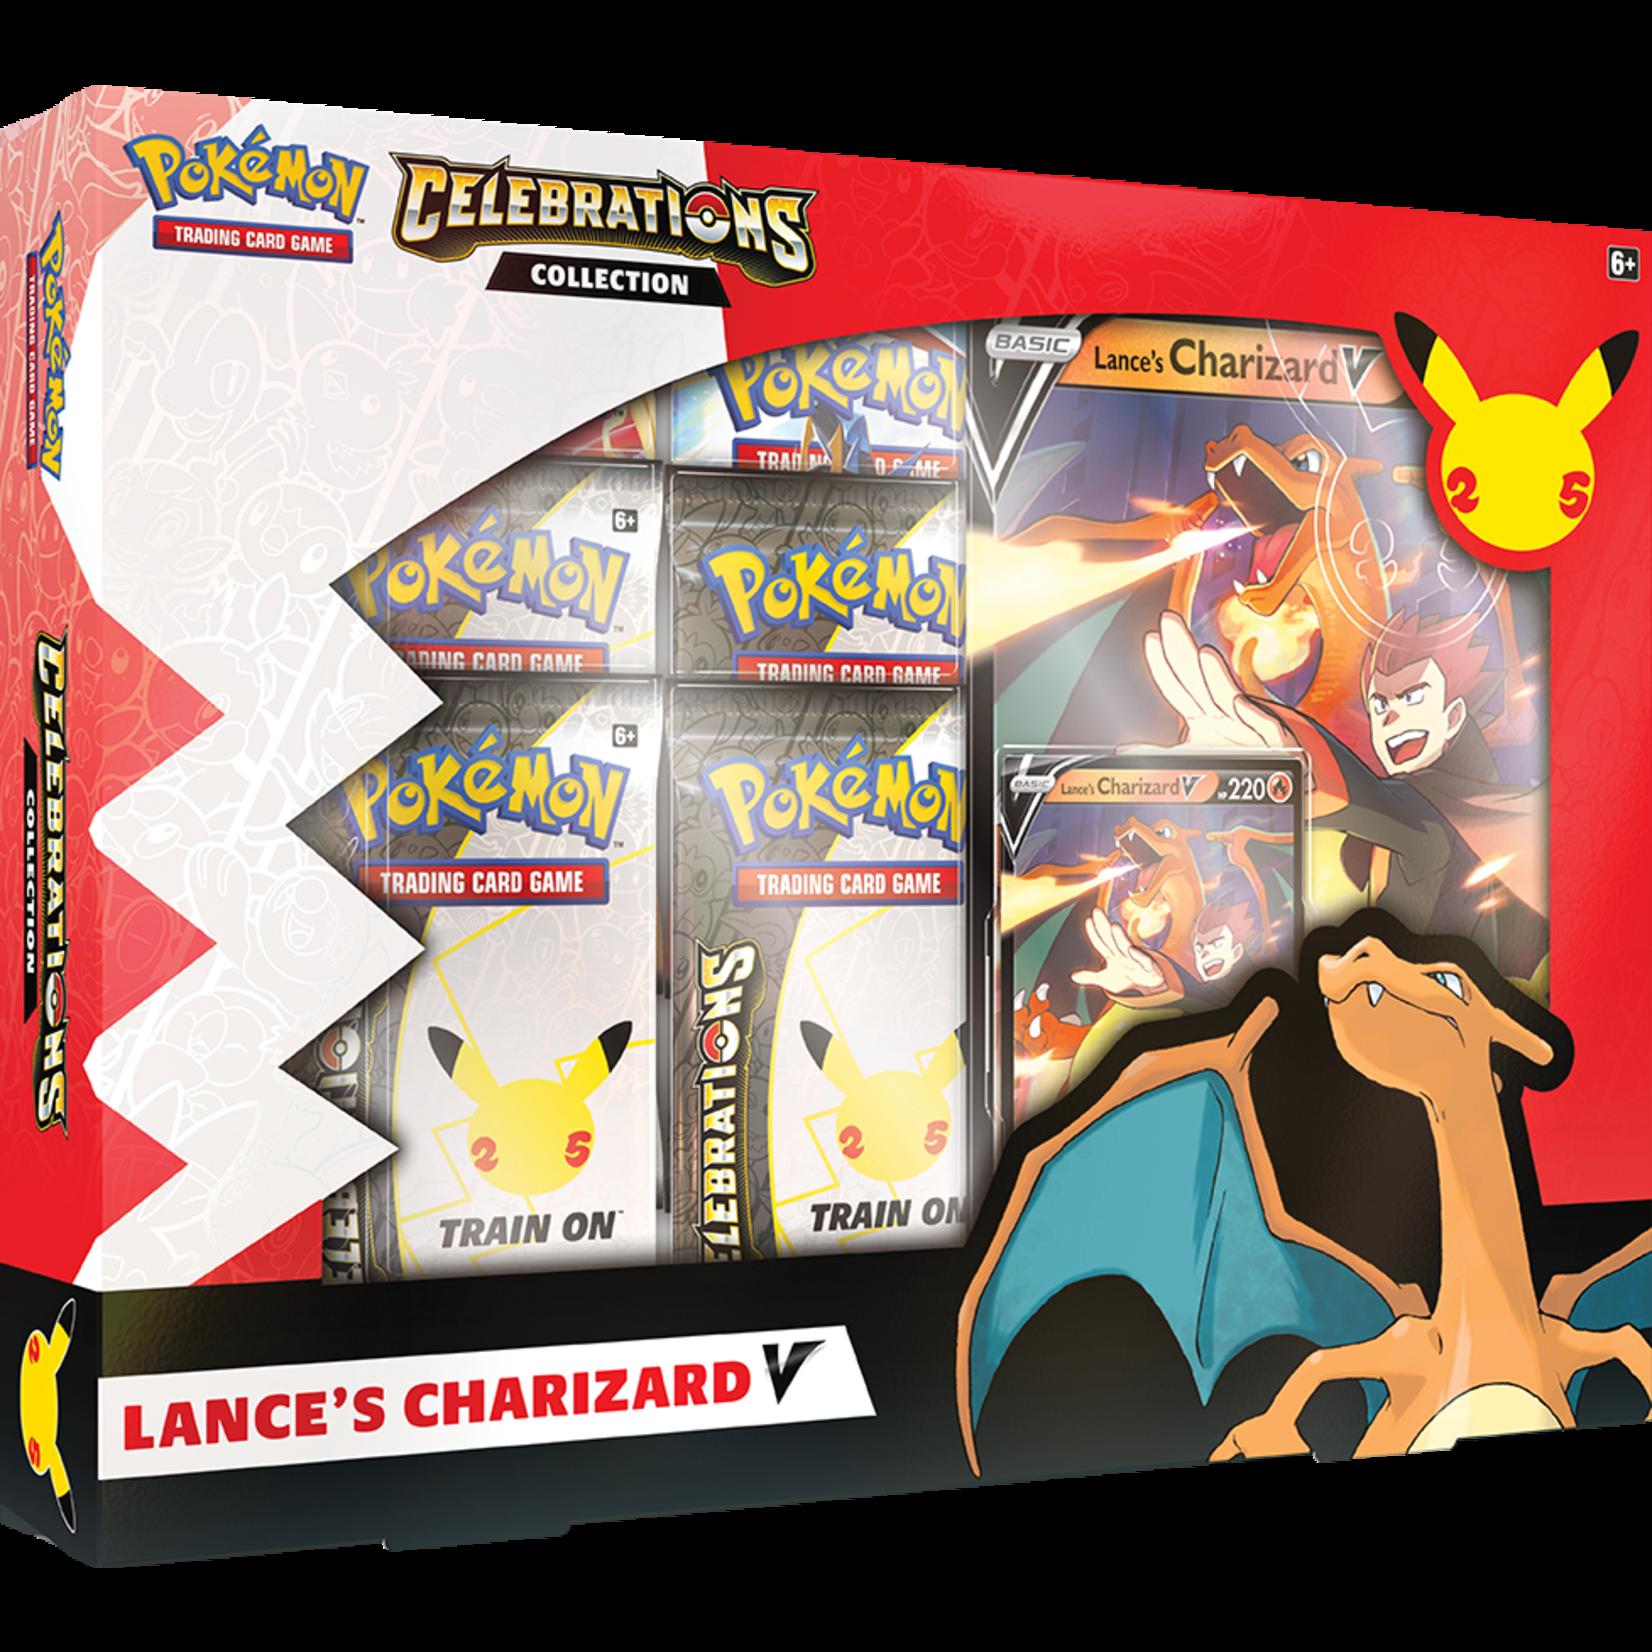 Pokémon Pokémon TCG: Celebrations Collection—Lance's Charizard V